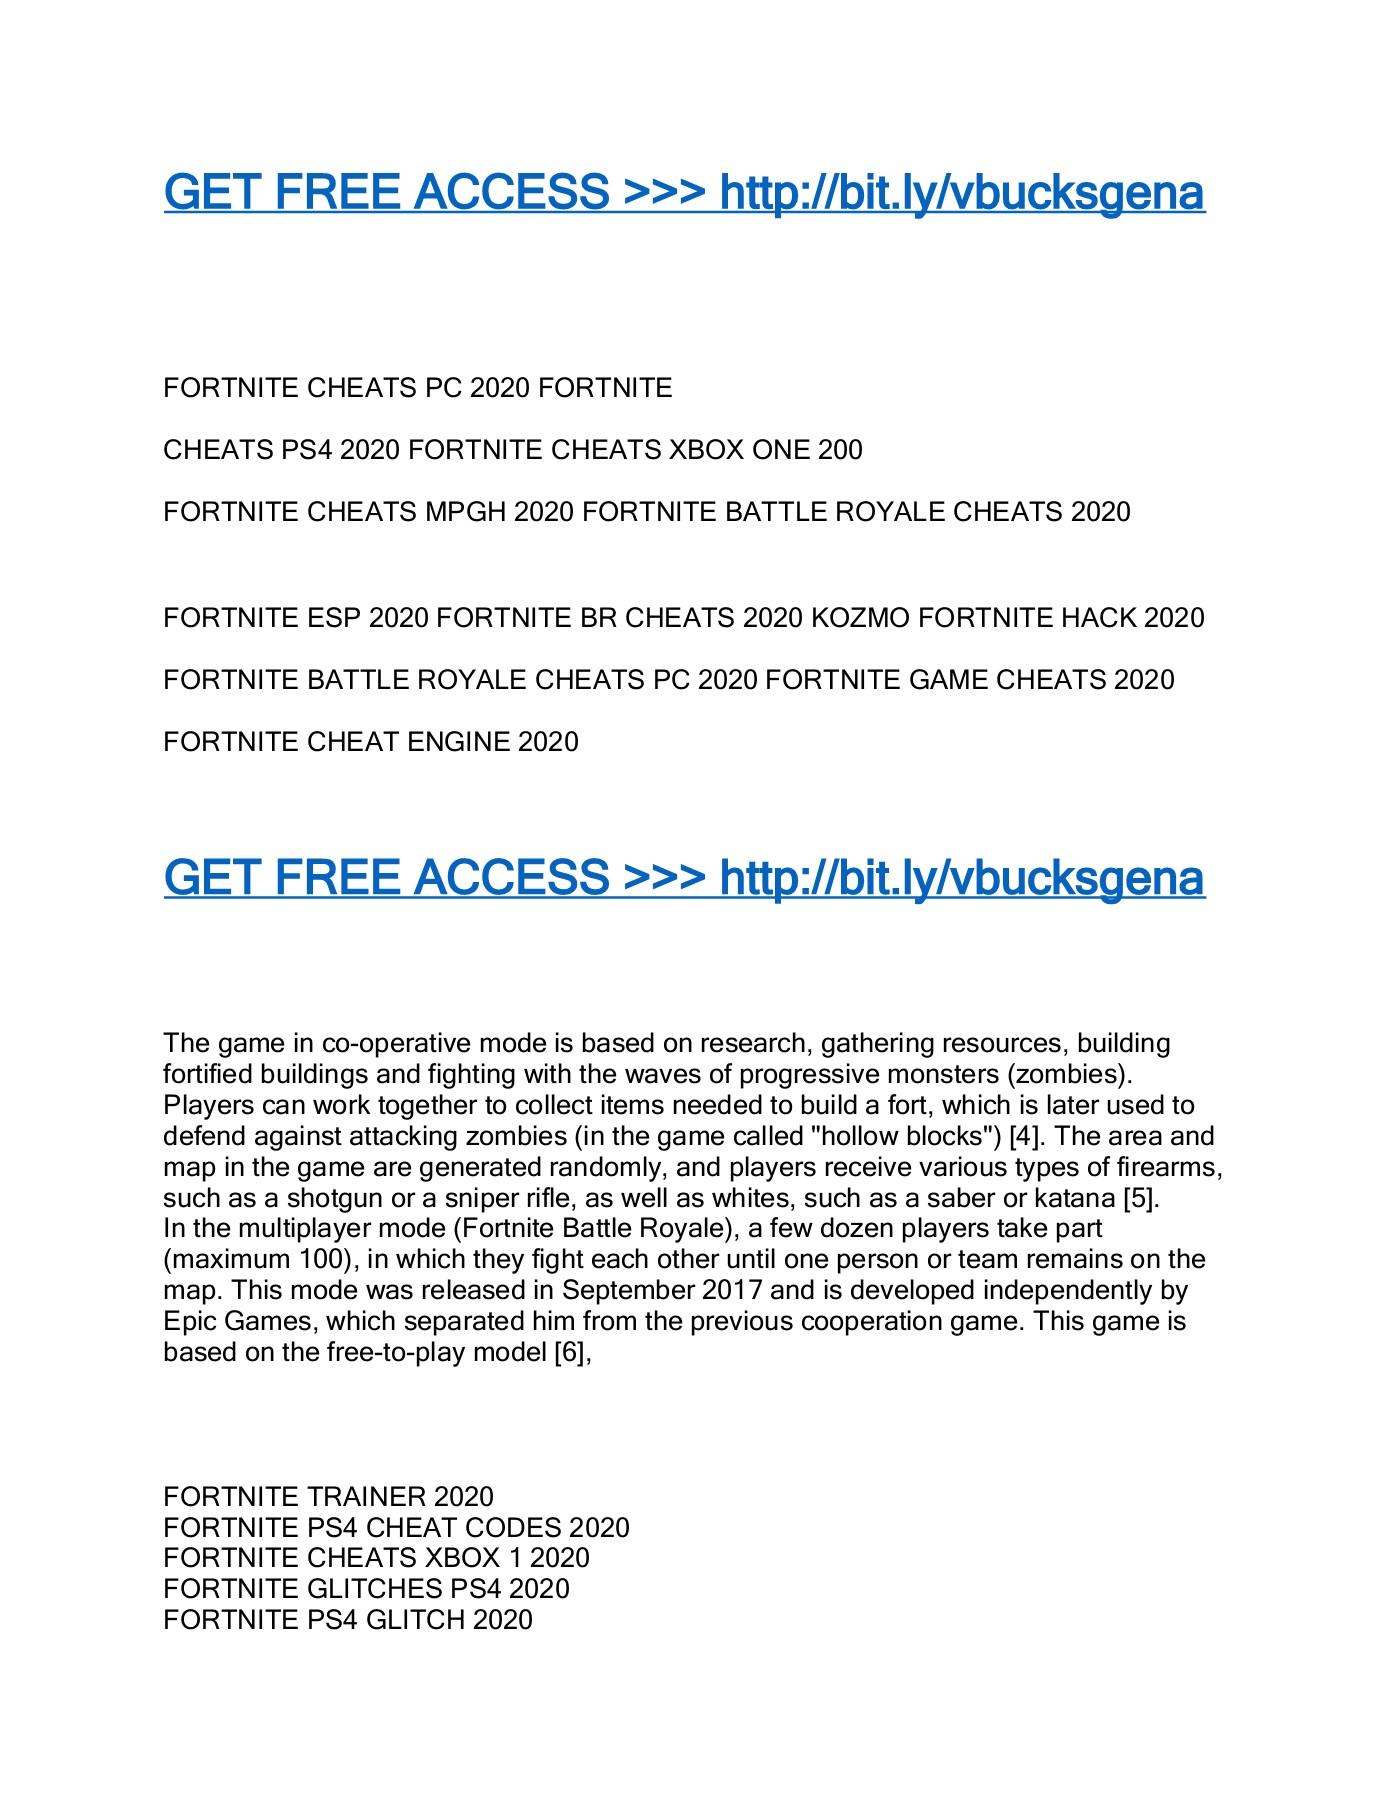 Get Free Fortnite V Bucks Generator Free Fortnite Aimbot Guide